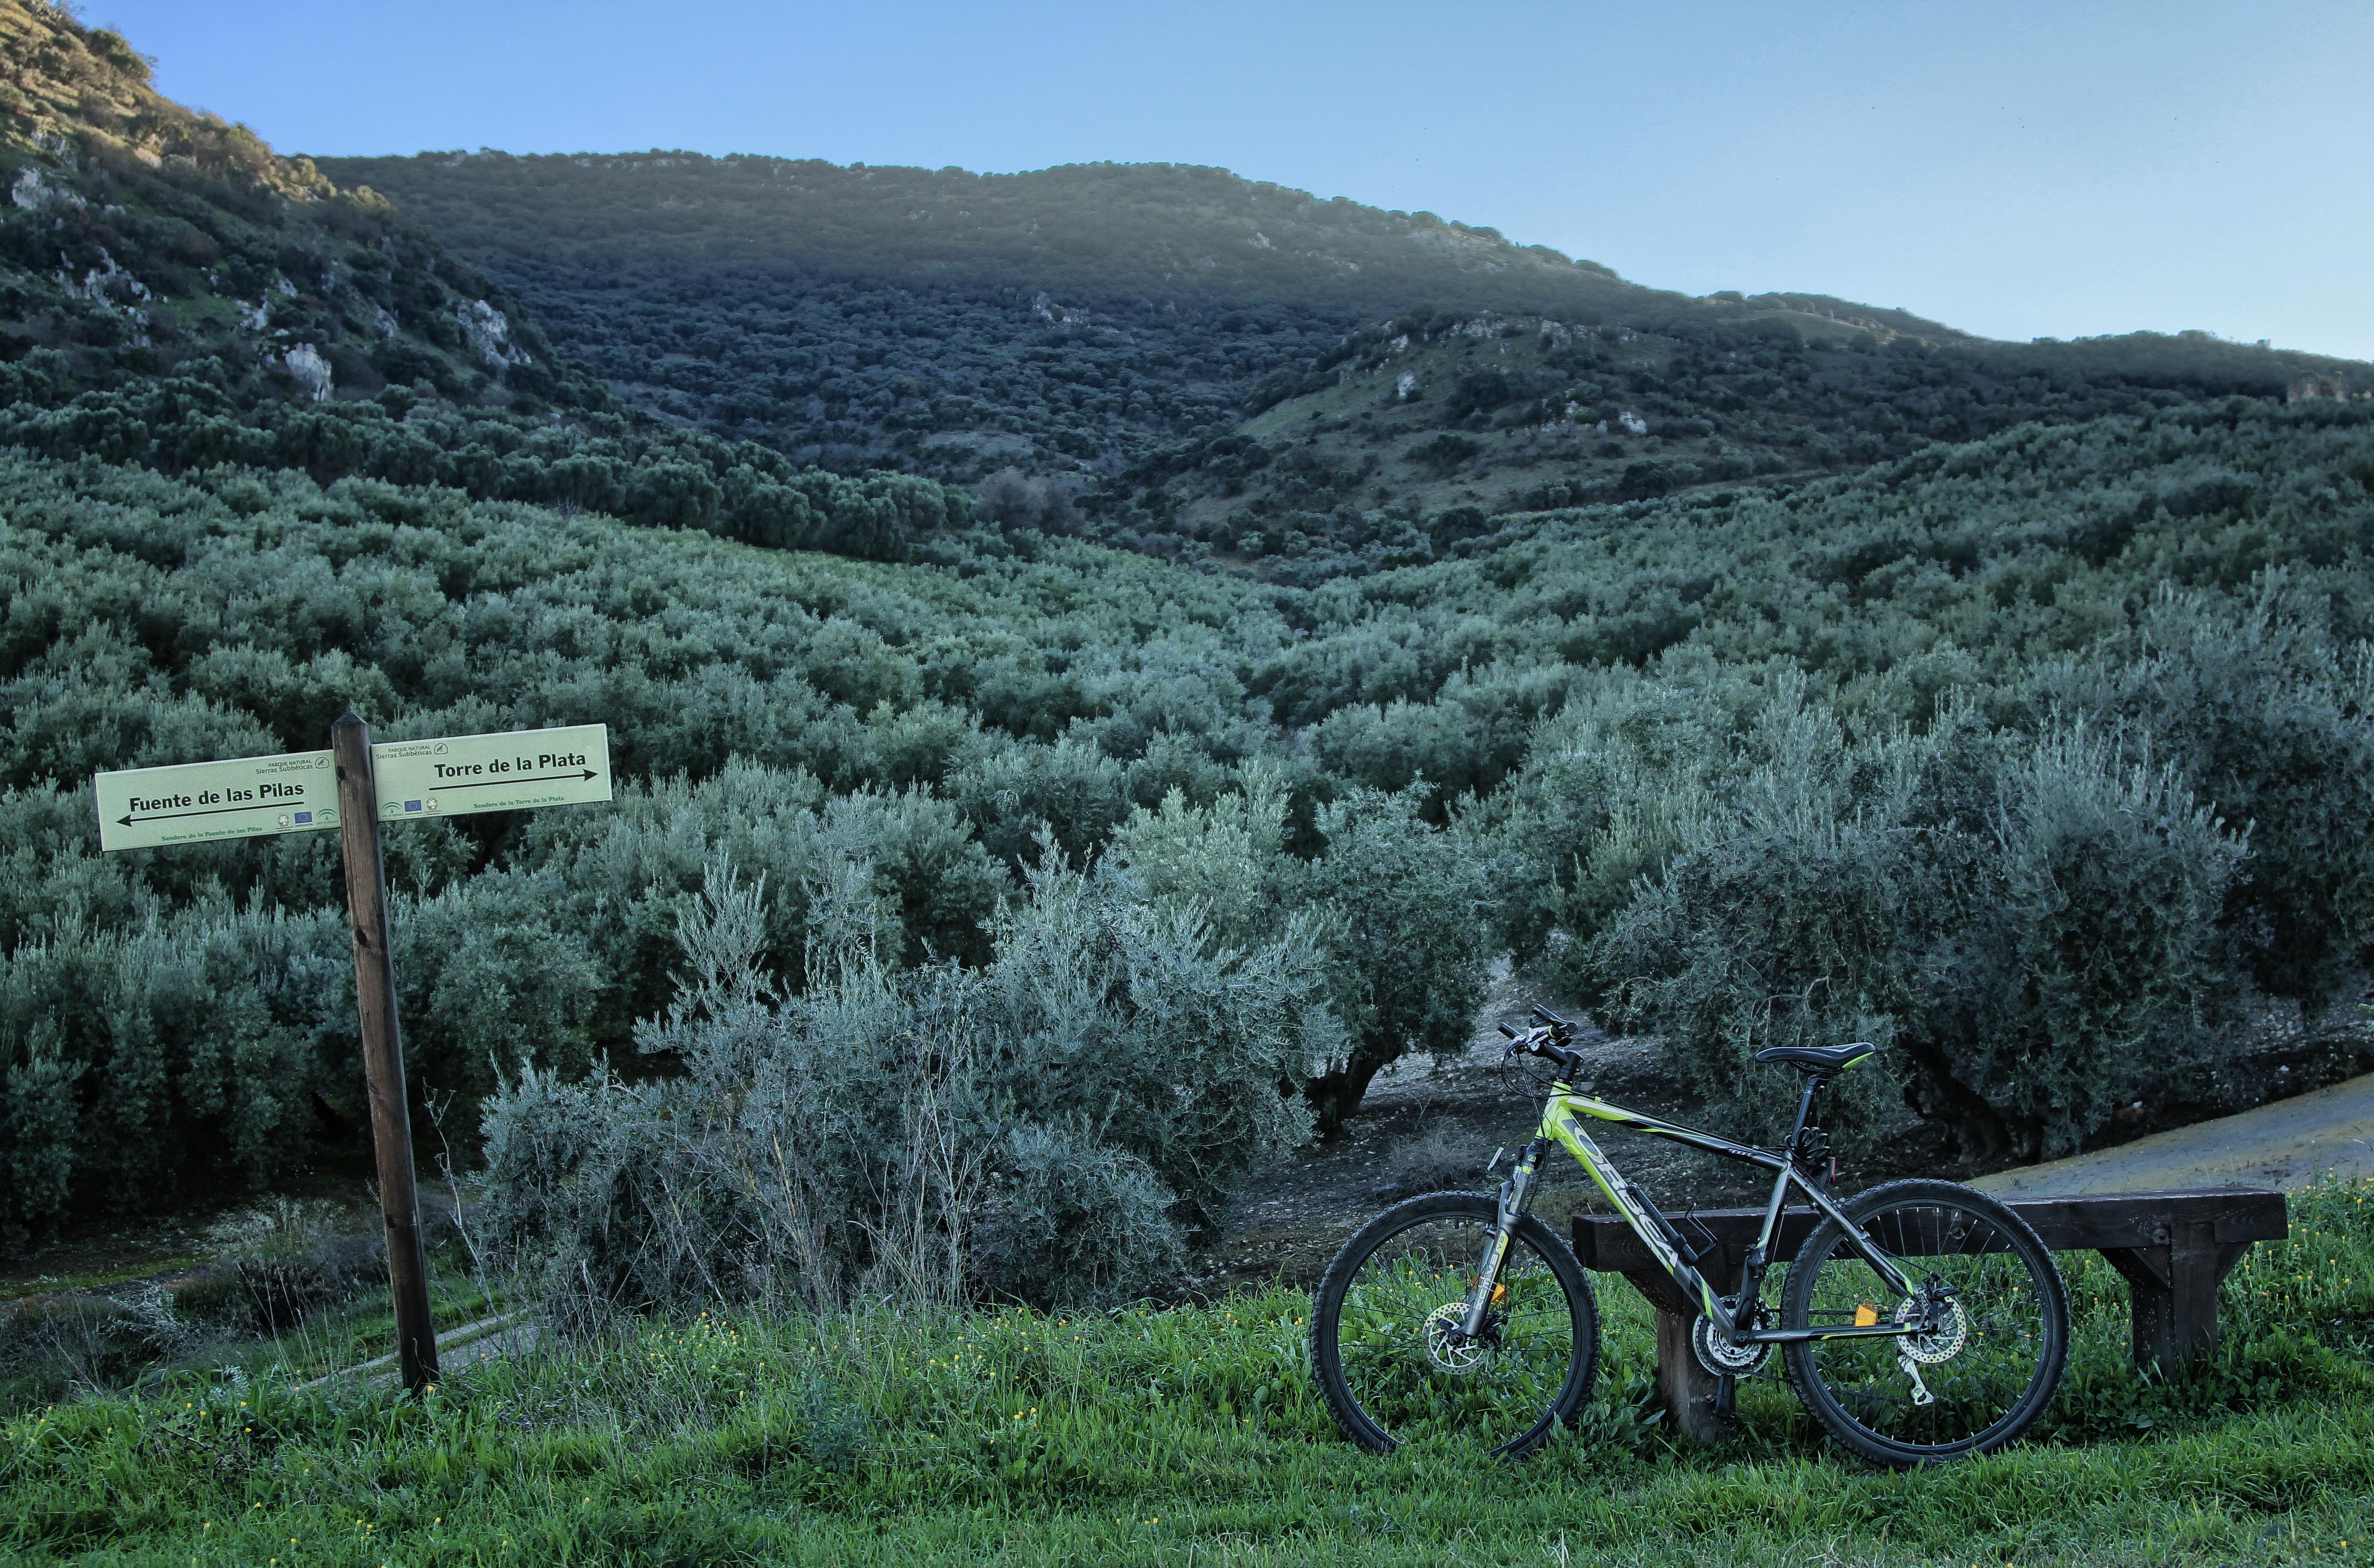 Ruta en bicicleta del Centro Cicloturista Subbética